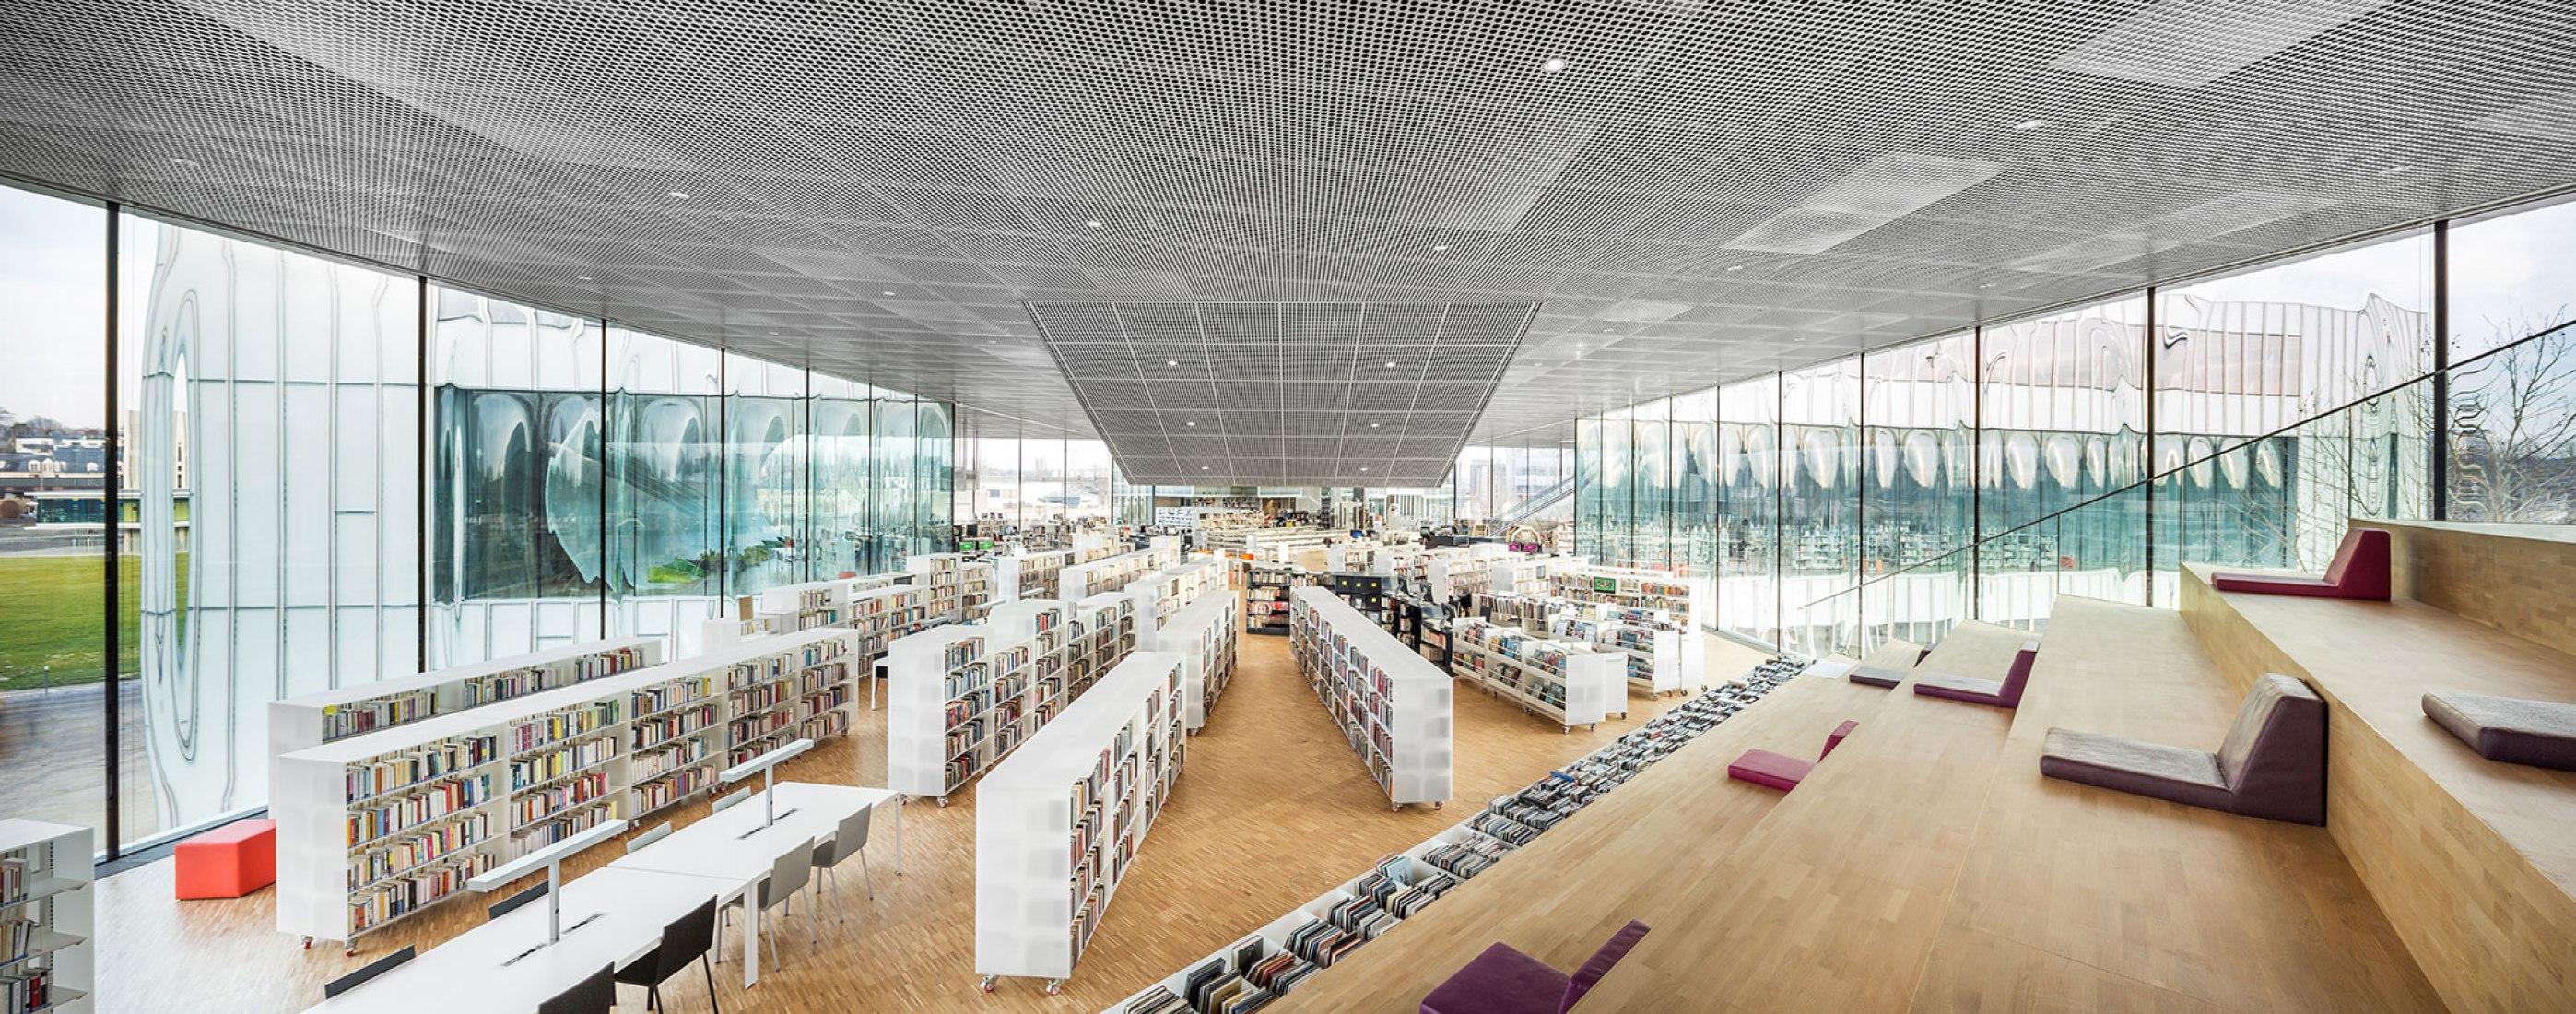 Interior. Bibliothèque Alexis de Tocqueville by OMA. Photograph by Delfino Sisto Legnani and Marco Cappelletti, Courtesy of OMA.